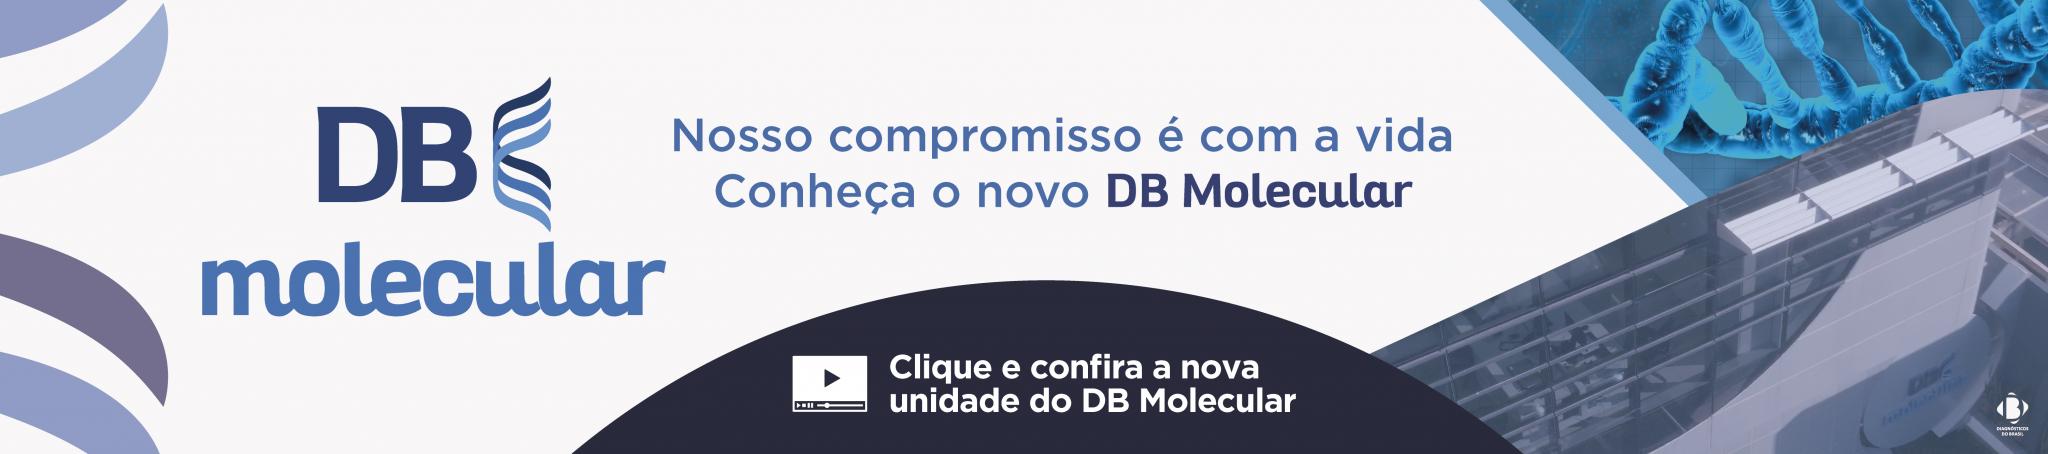 DB Molecular – Vídeo institucional